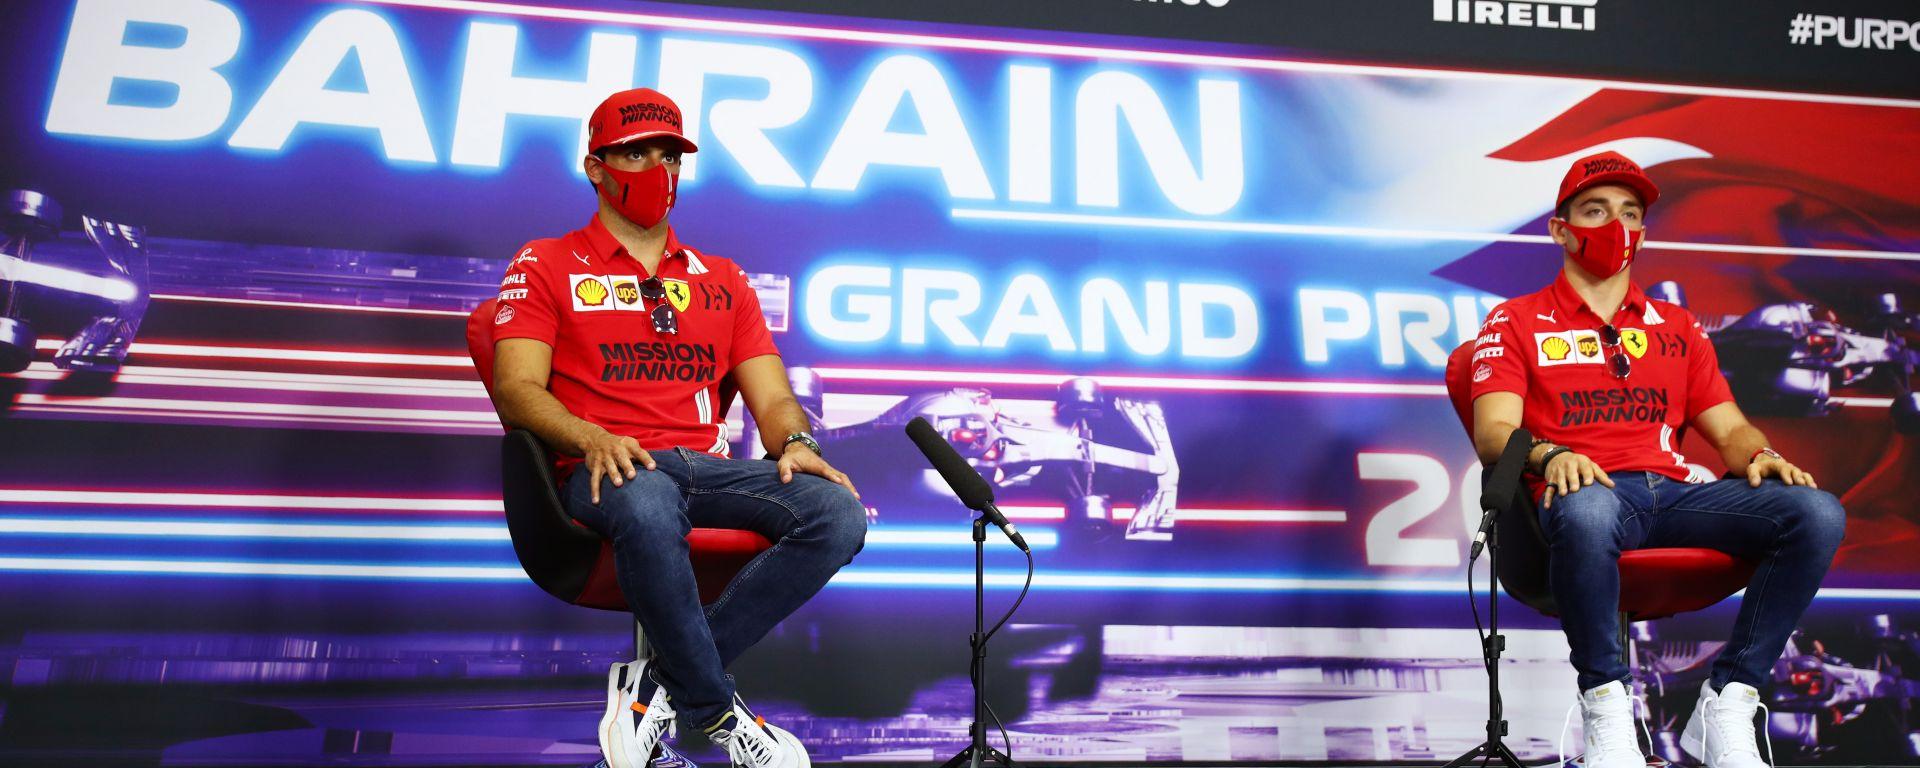 F1 GP Bahrain 2021, Sakhir: Charles Leclerc e Carlos Sainz (Scuderia Ferrari)